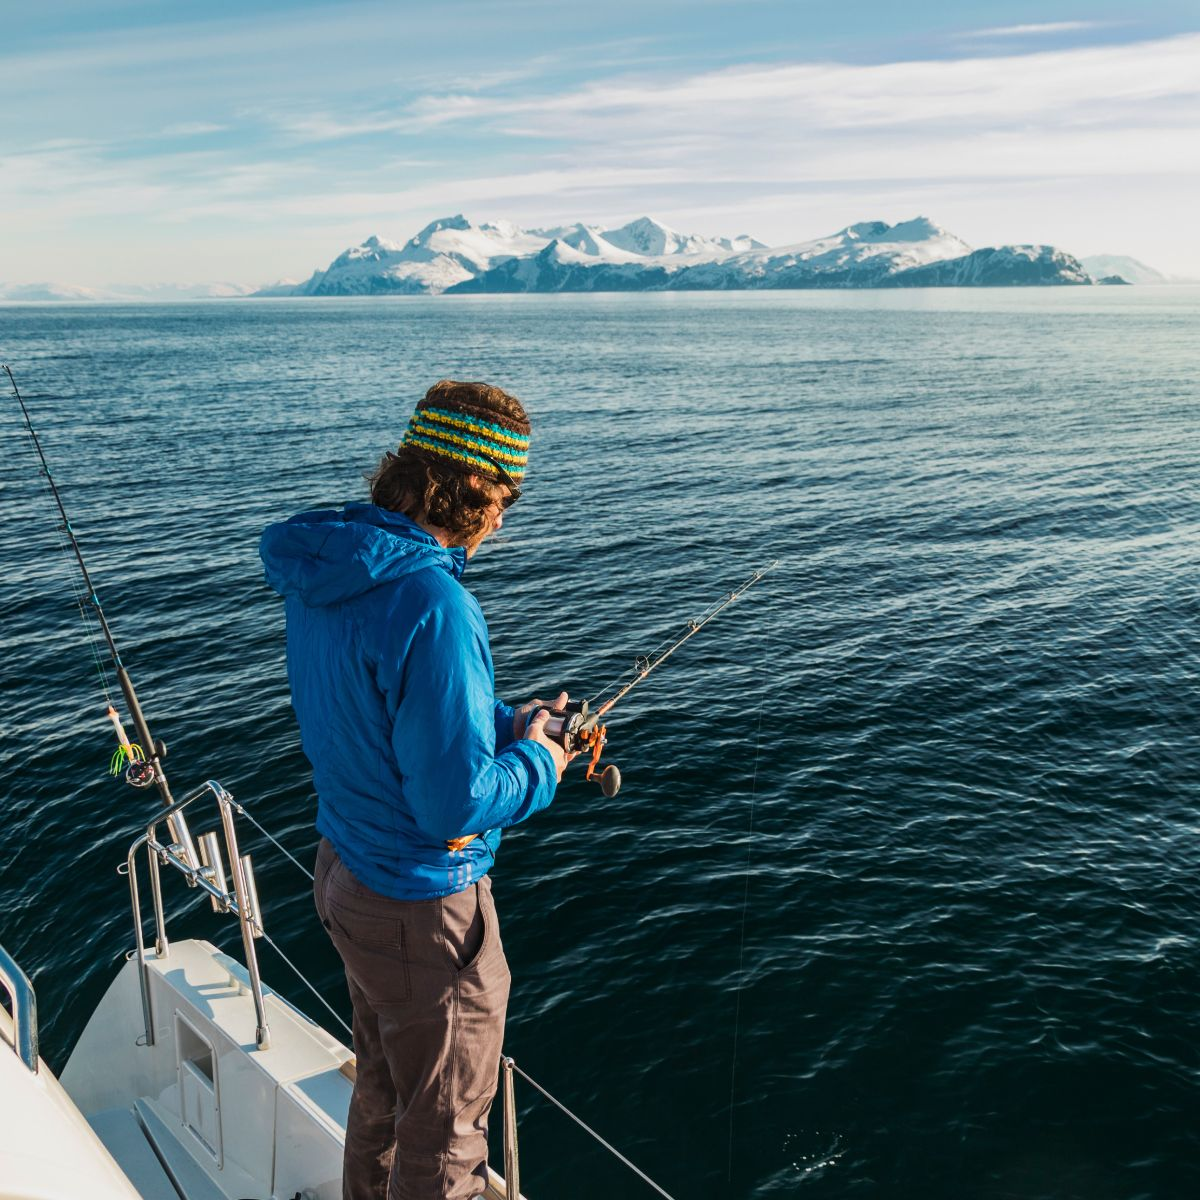 gefuehrte-skitouren-in-norwegen-und-einem-bergfuehrer-beim-fischen.jpg